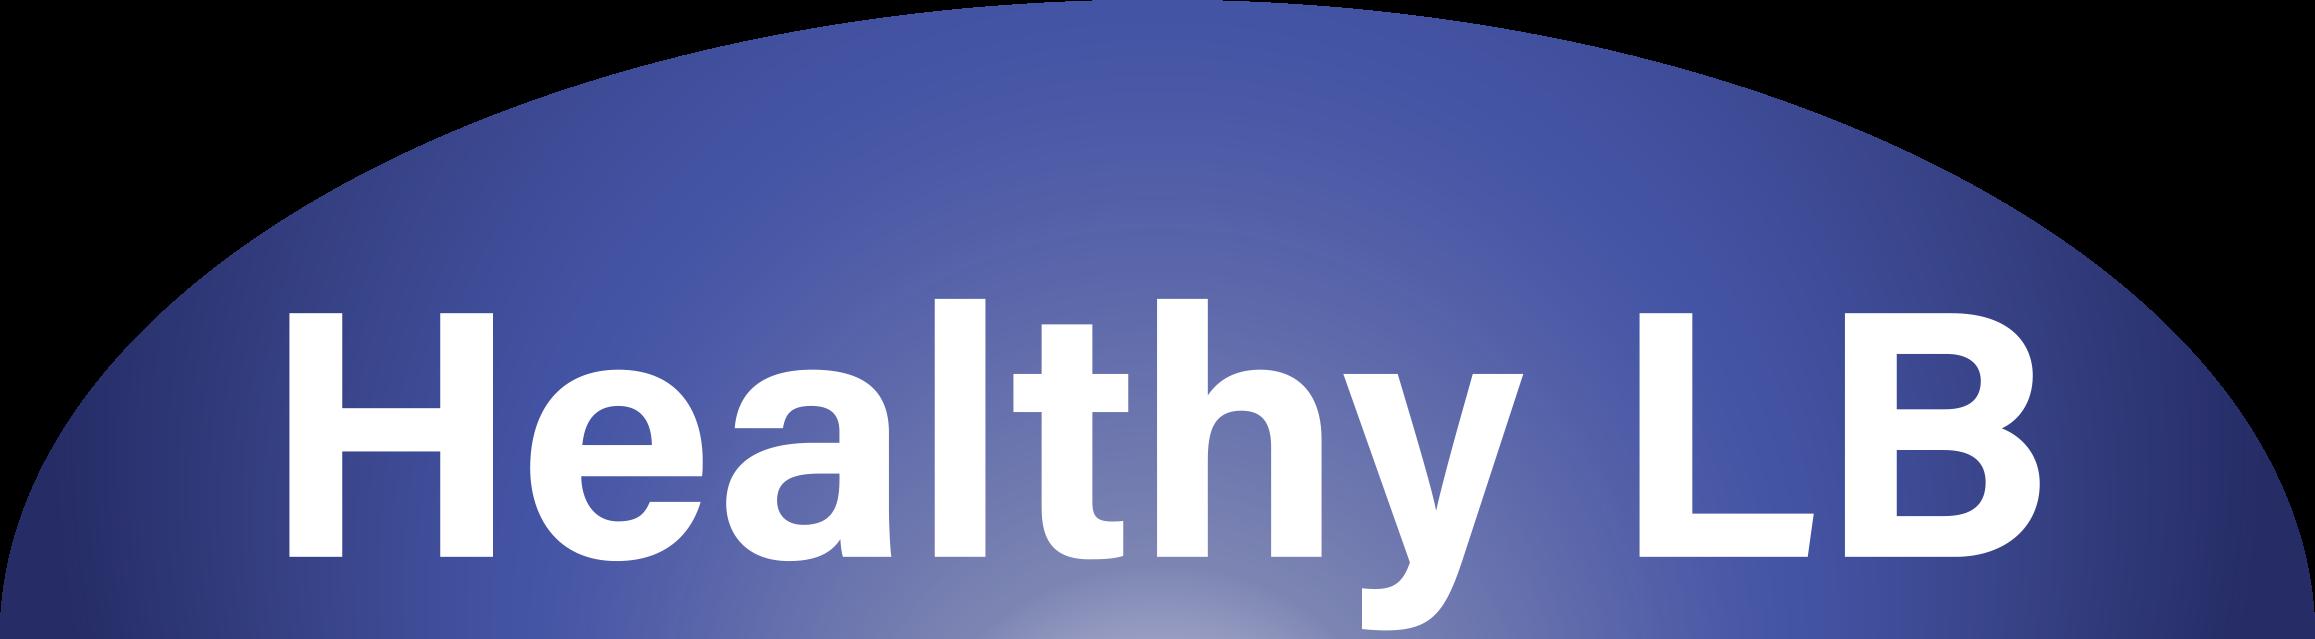 Healthy_la_logo